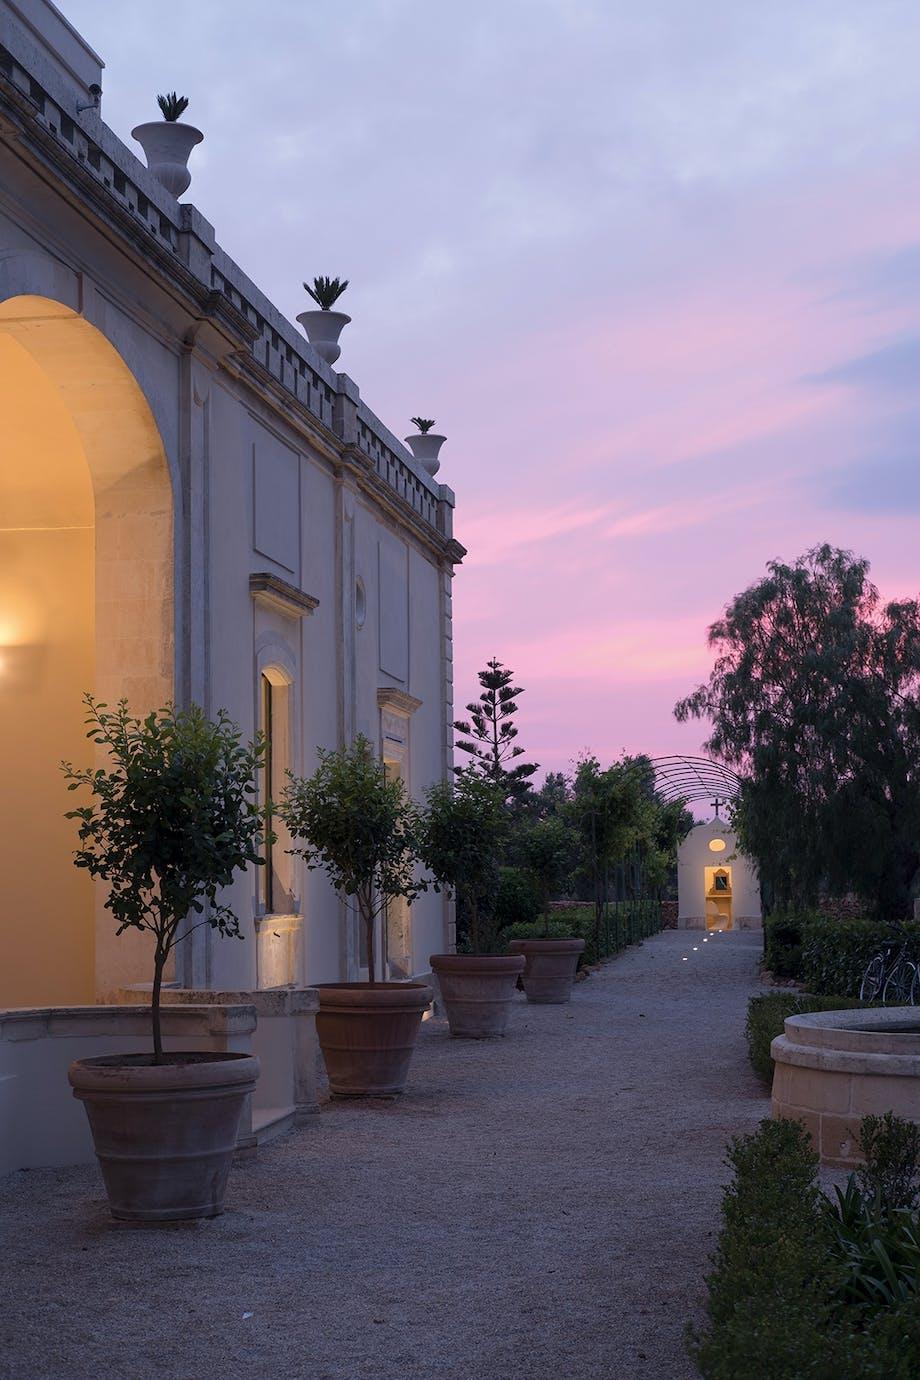 tusmørke romantisk atmosfære Italien pergola med vinstokke citrontræer store krukker